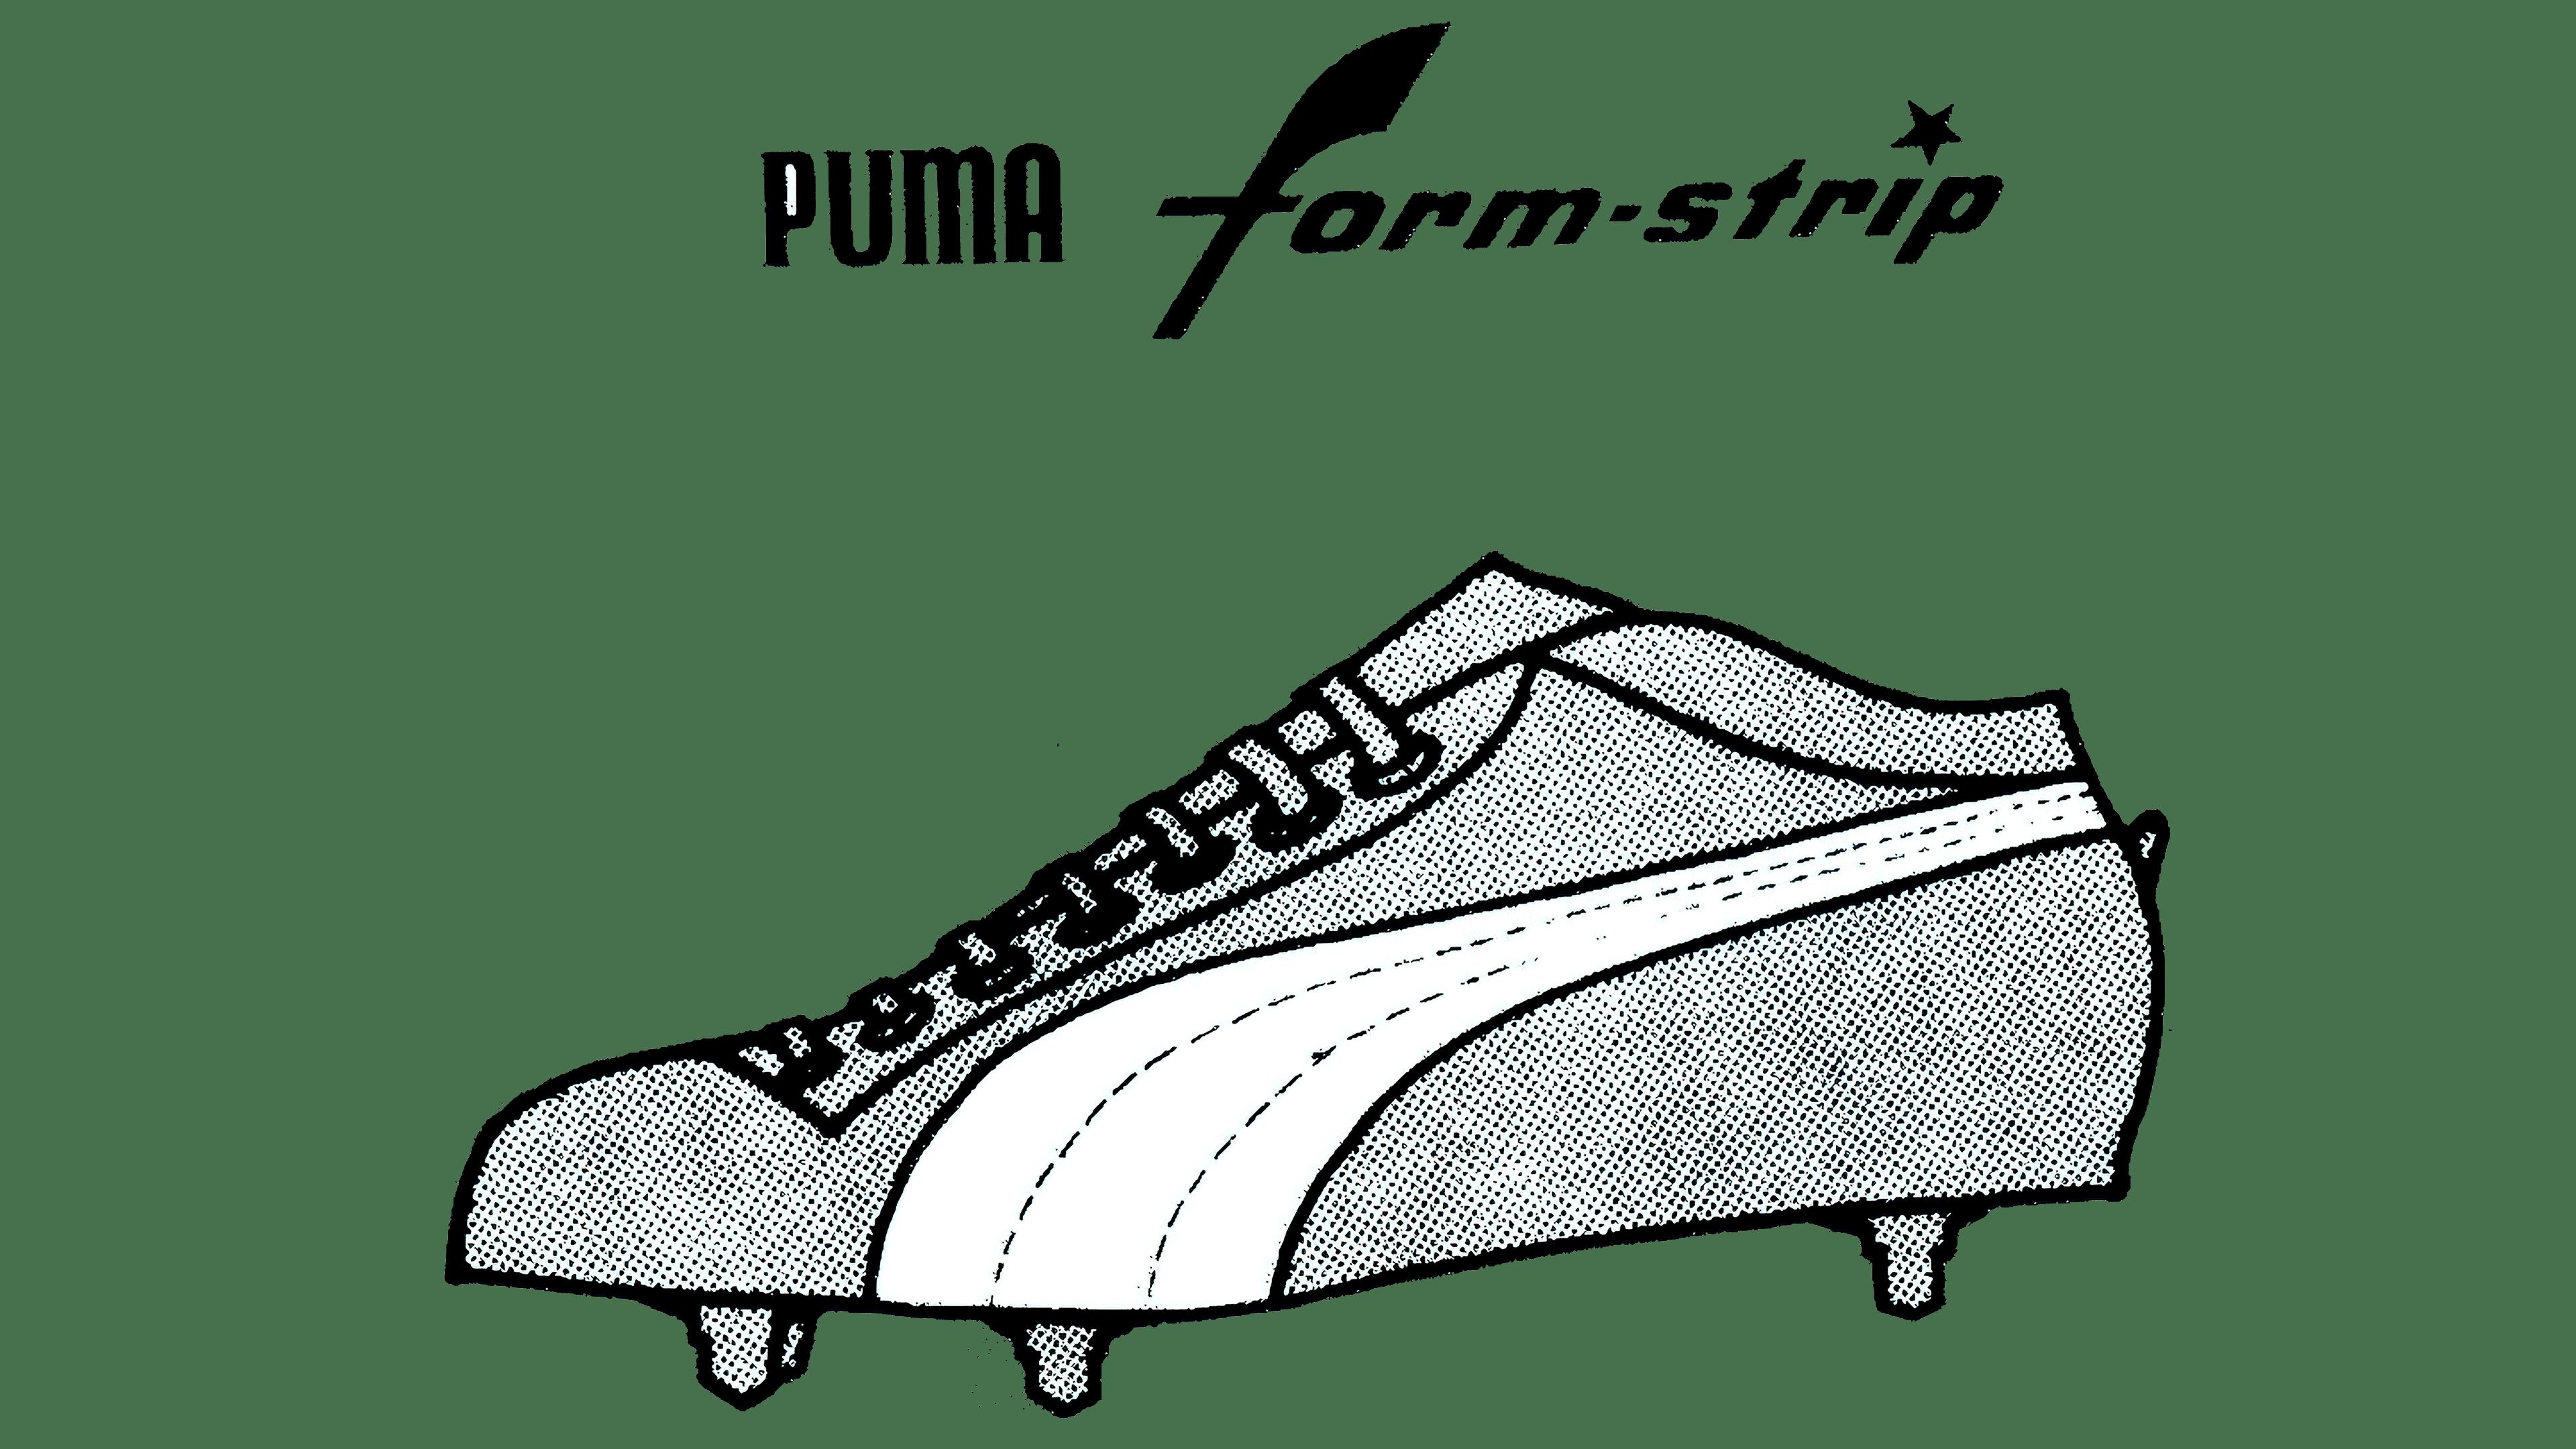 puma form